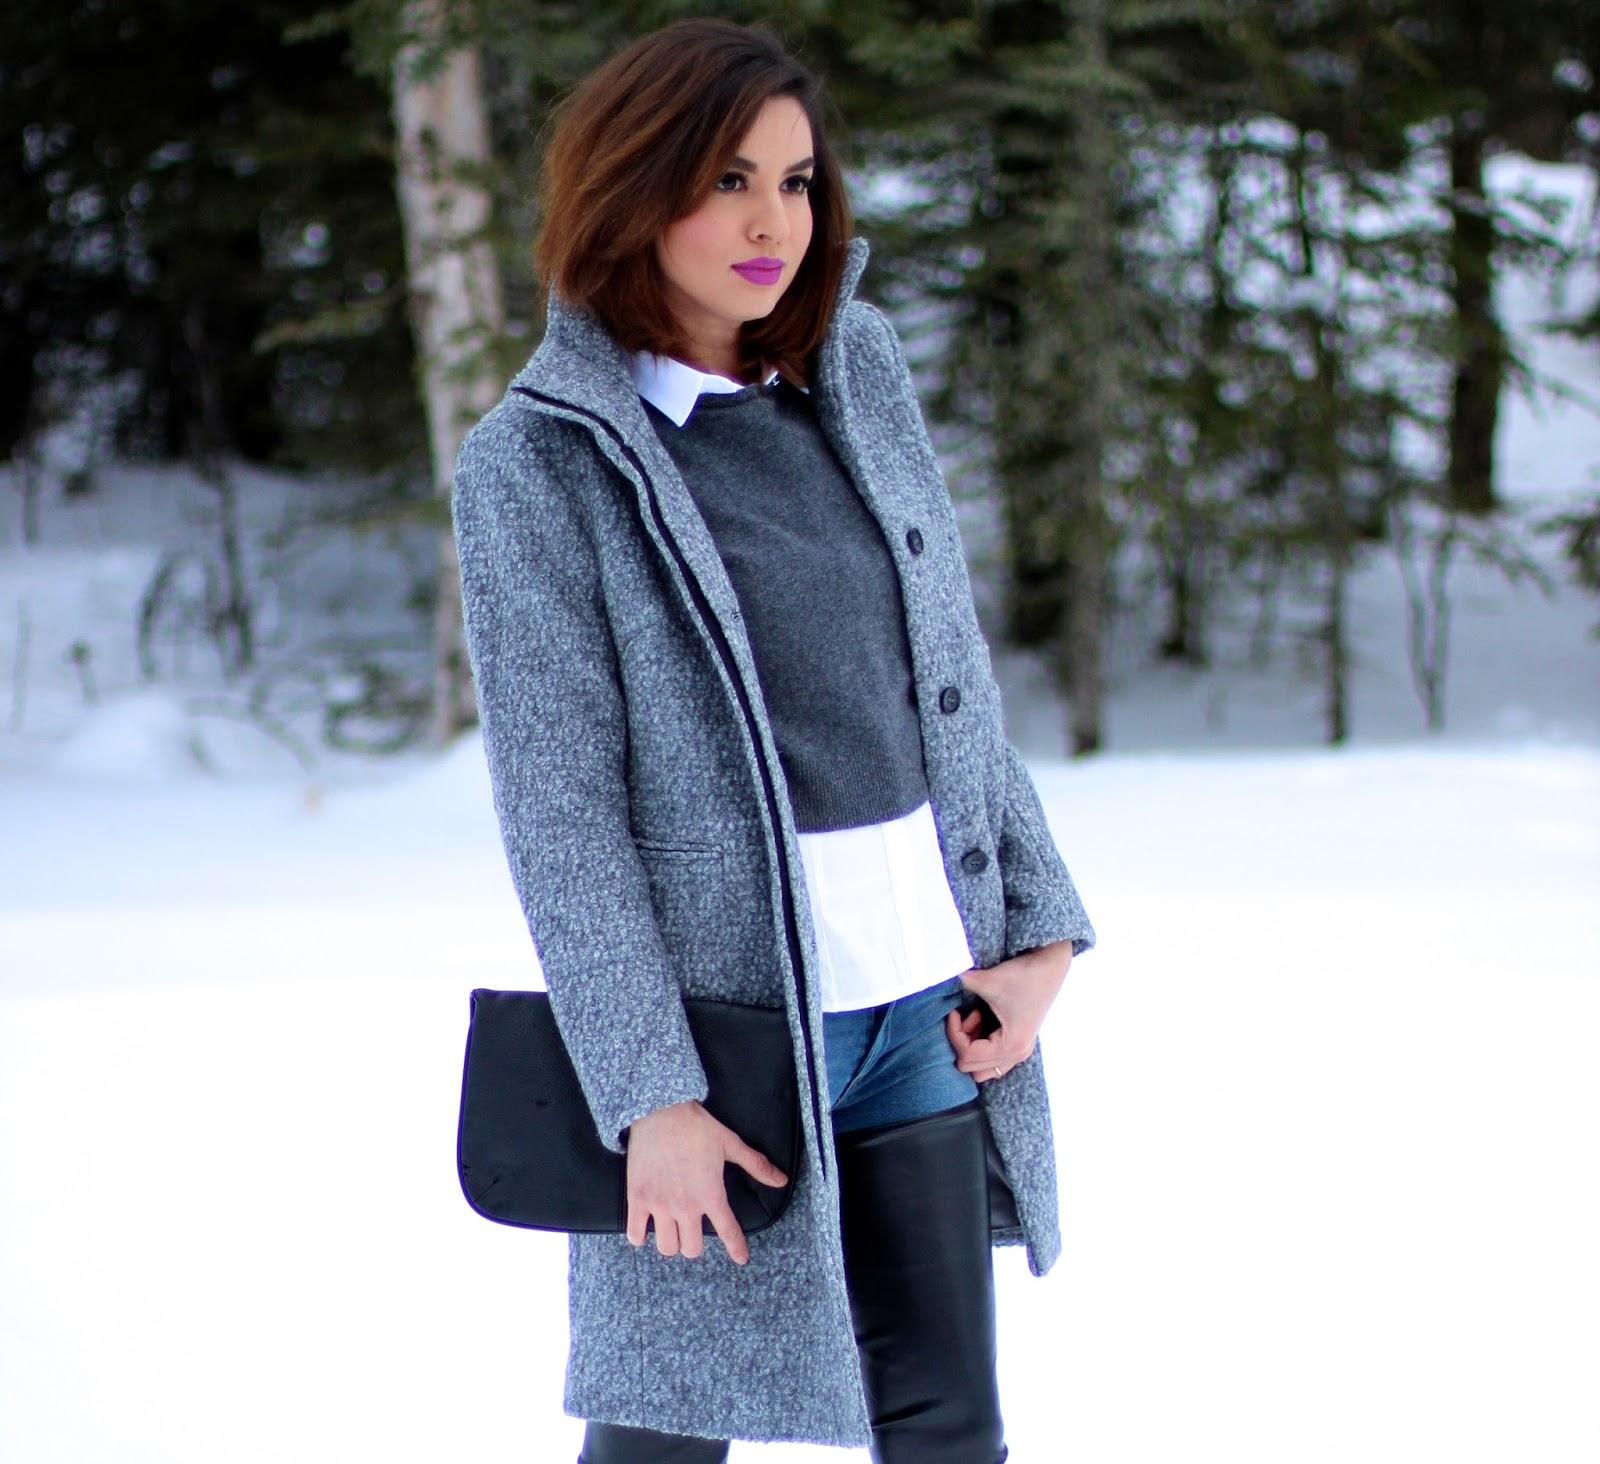 Coat H&m / Sweater Zara